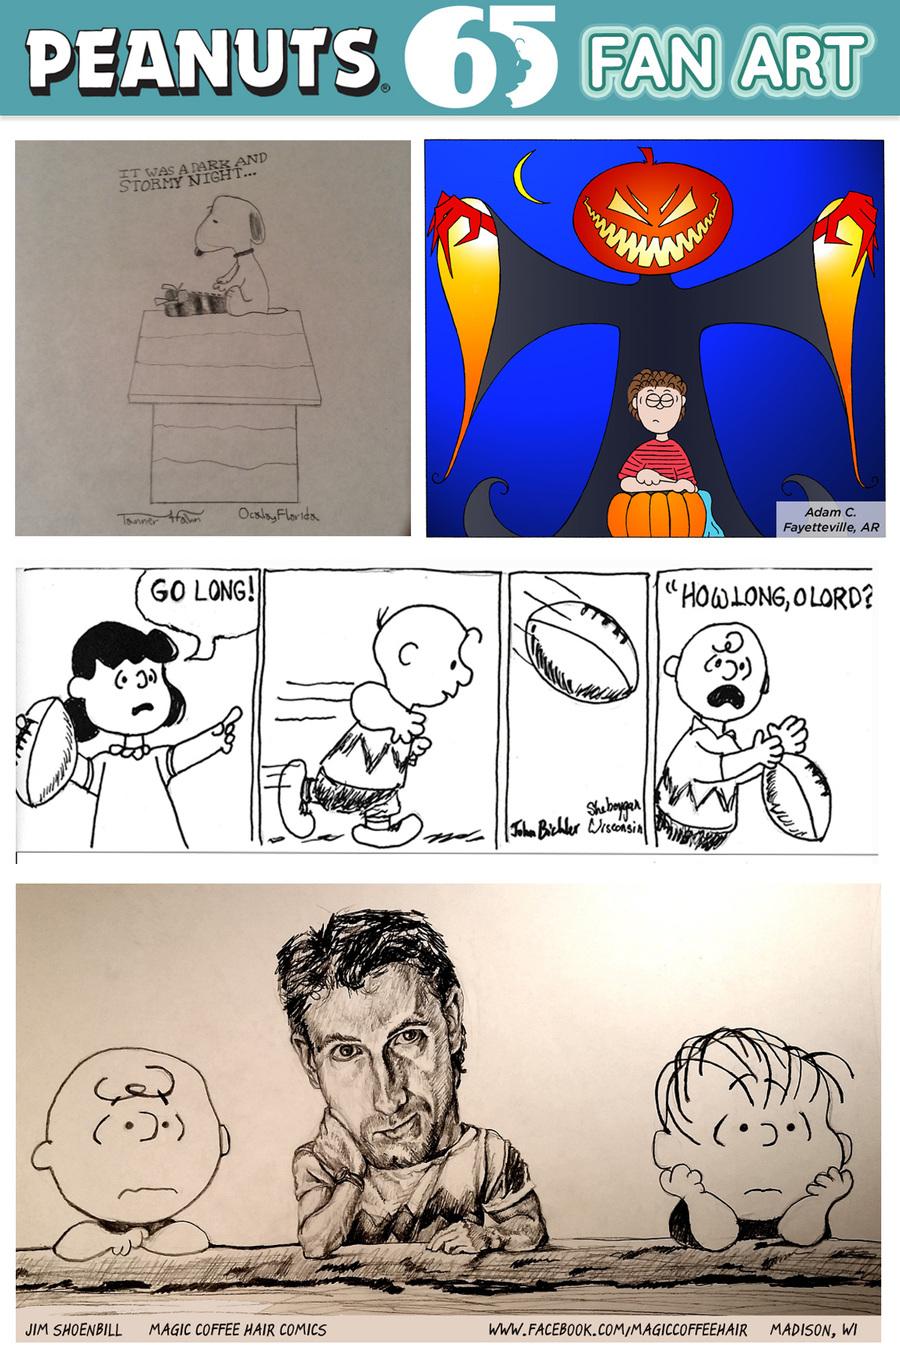 GoComics Fan Art by The Fans!